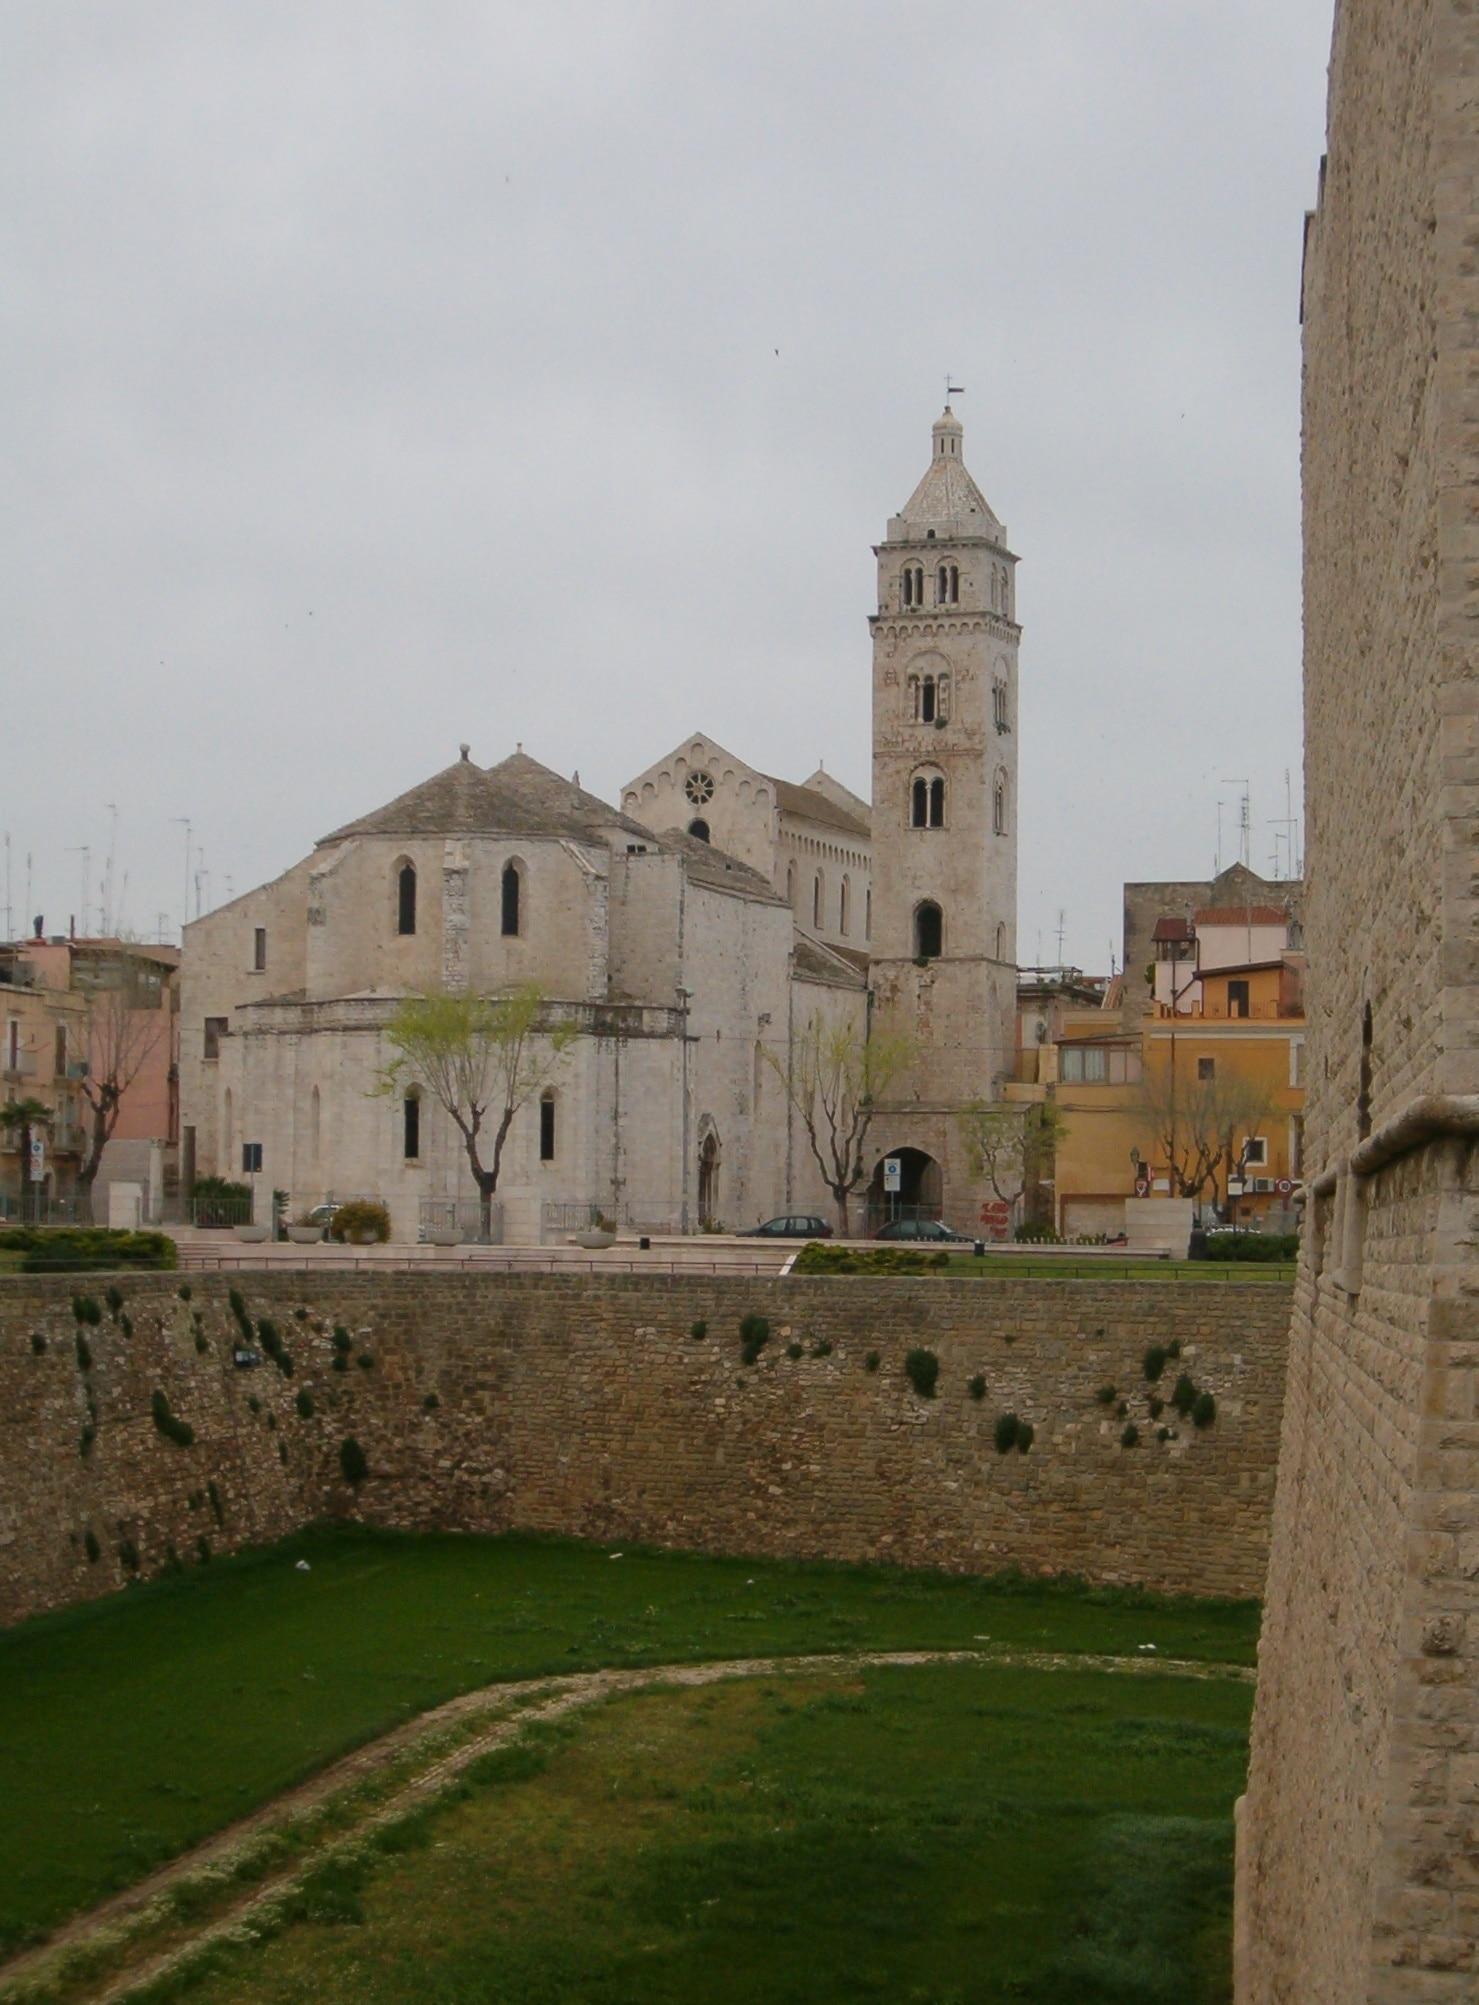 Barletta, Puglia, Italy